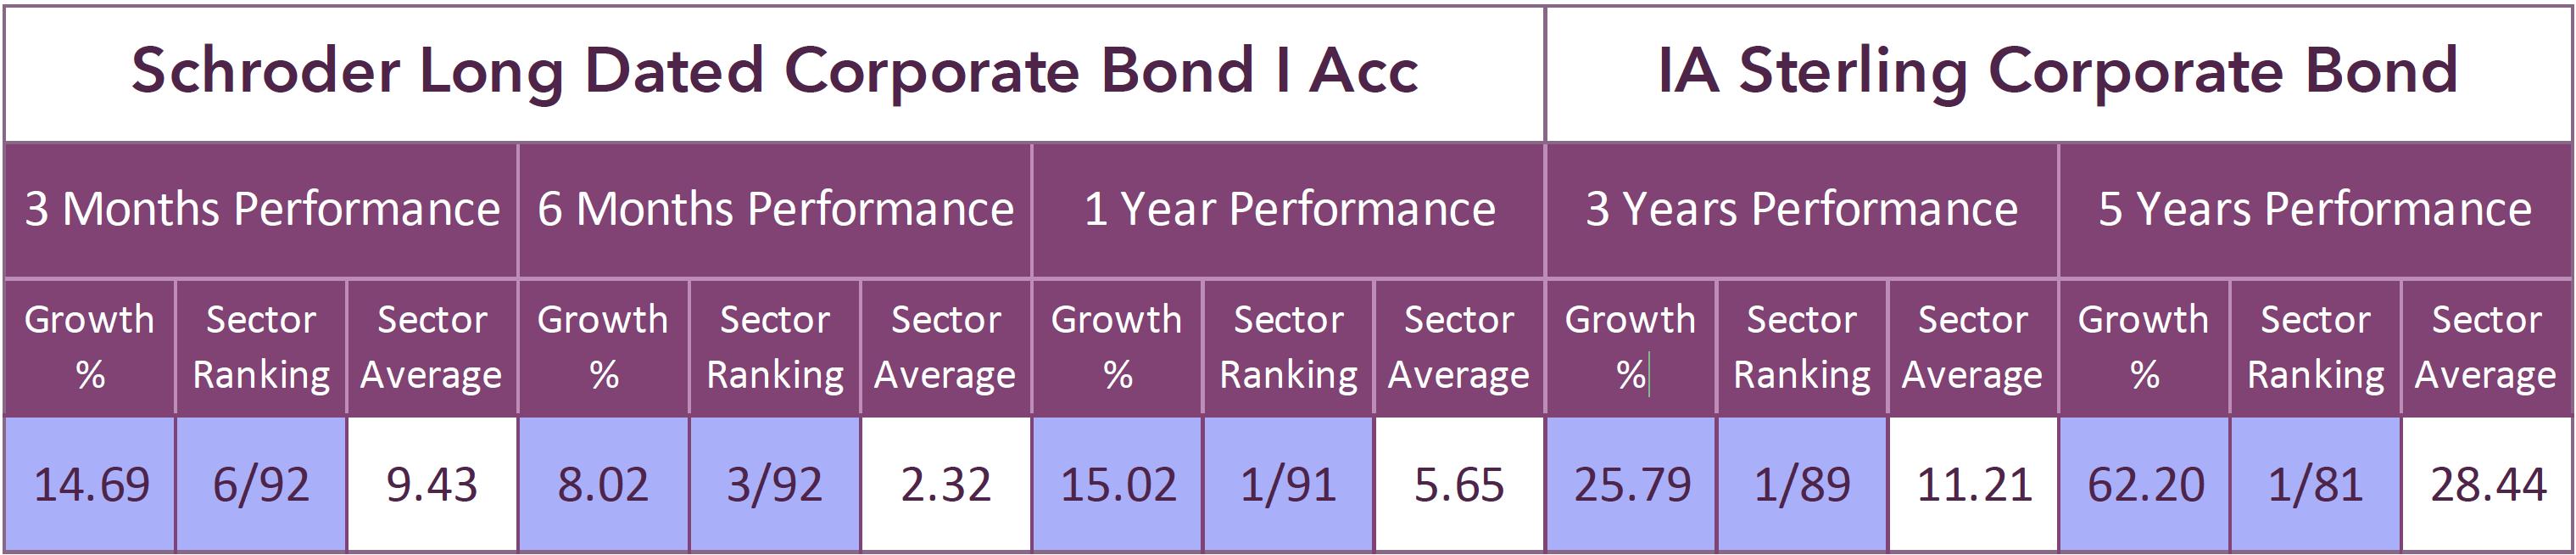 Schroder Long Dated Corporate Bond